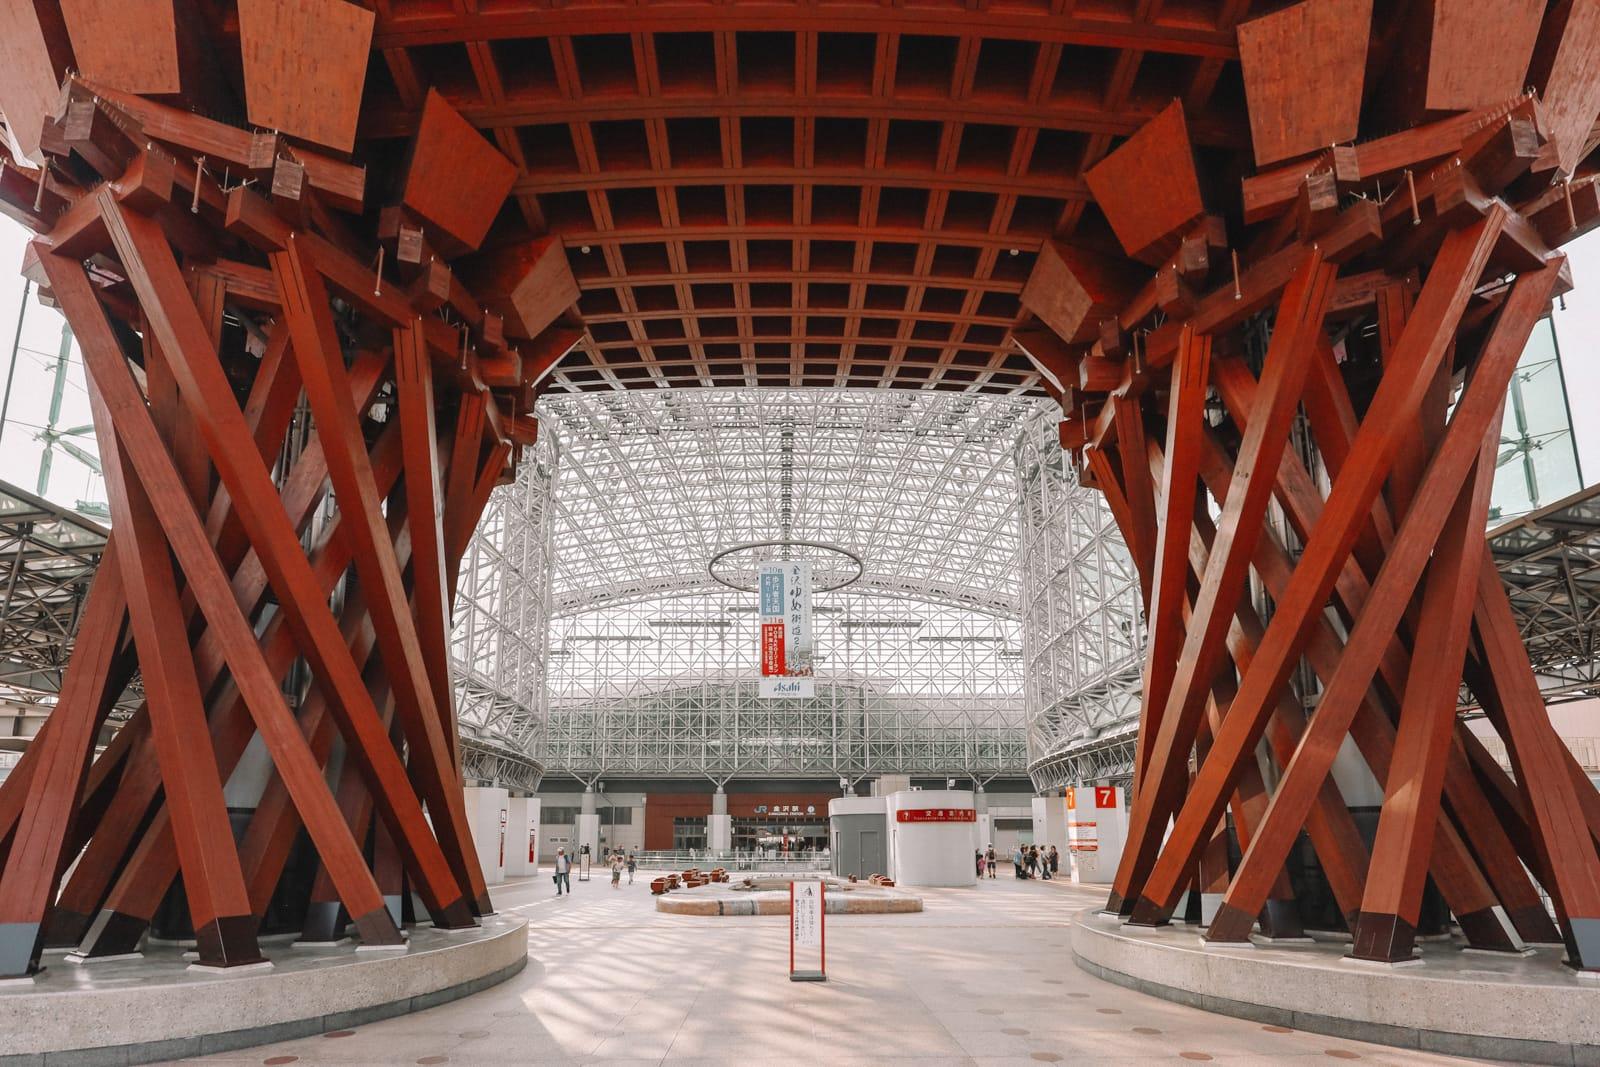 Visiting The Geisha District And Kaiseki Dining In Kanazawa - Japan (2)